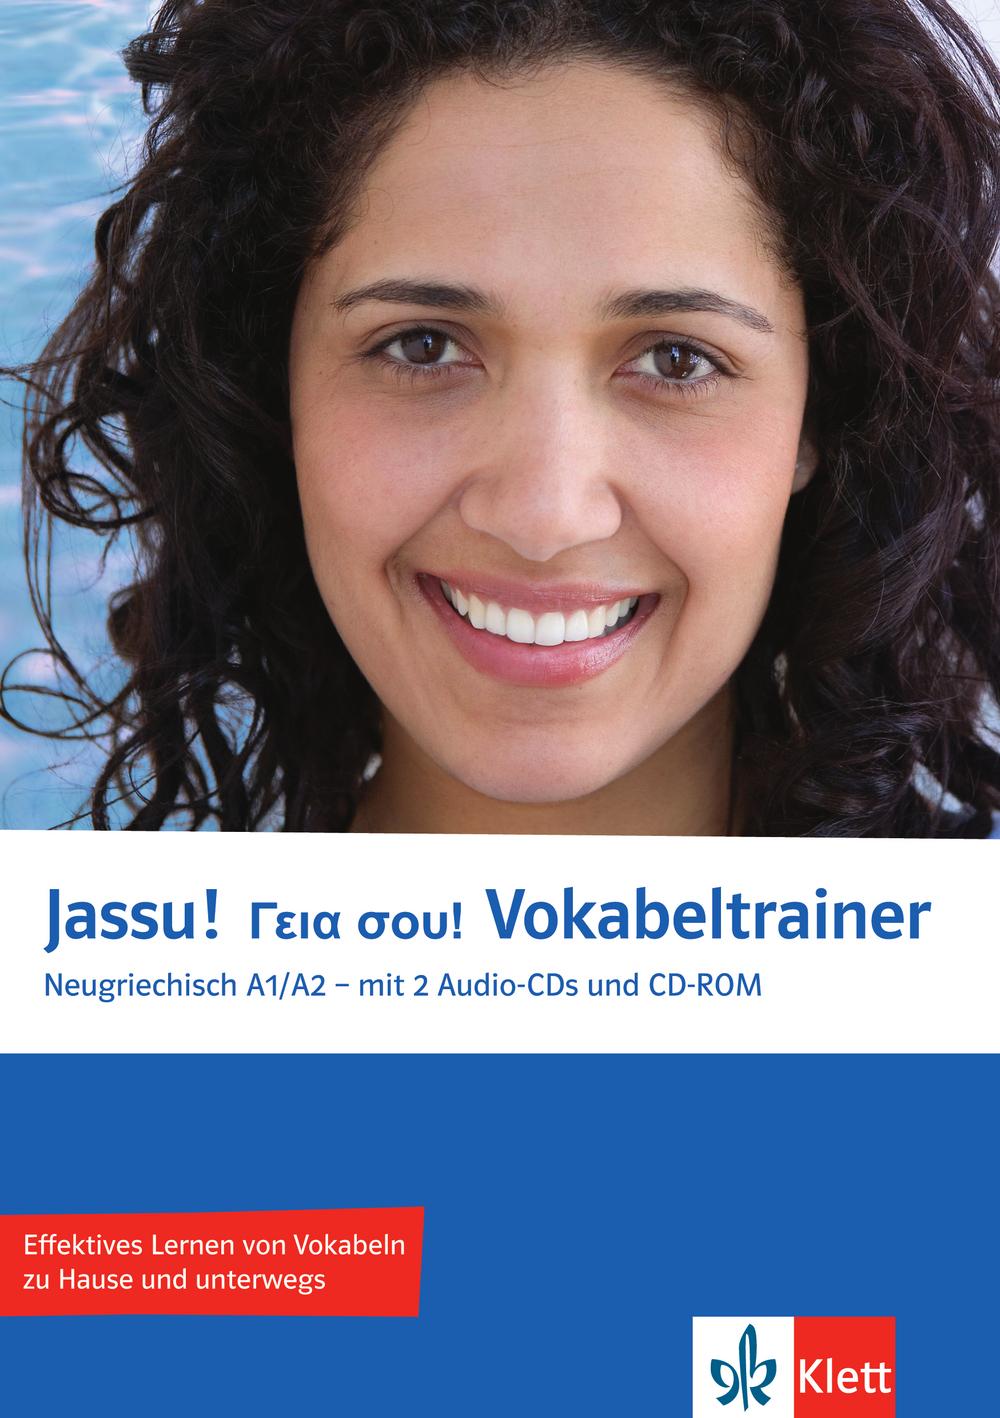 Jassu!. Vokabeltrainer (A1/A2): Neugriechisch f...